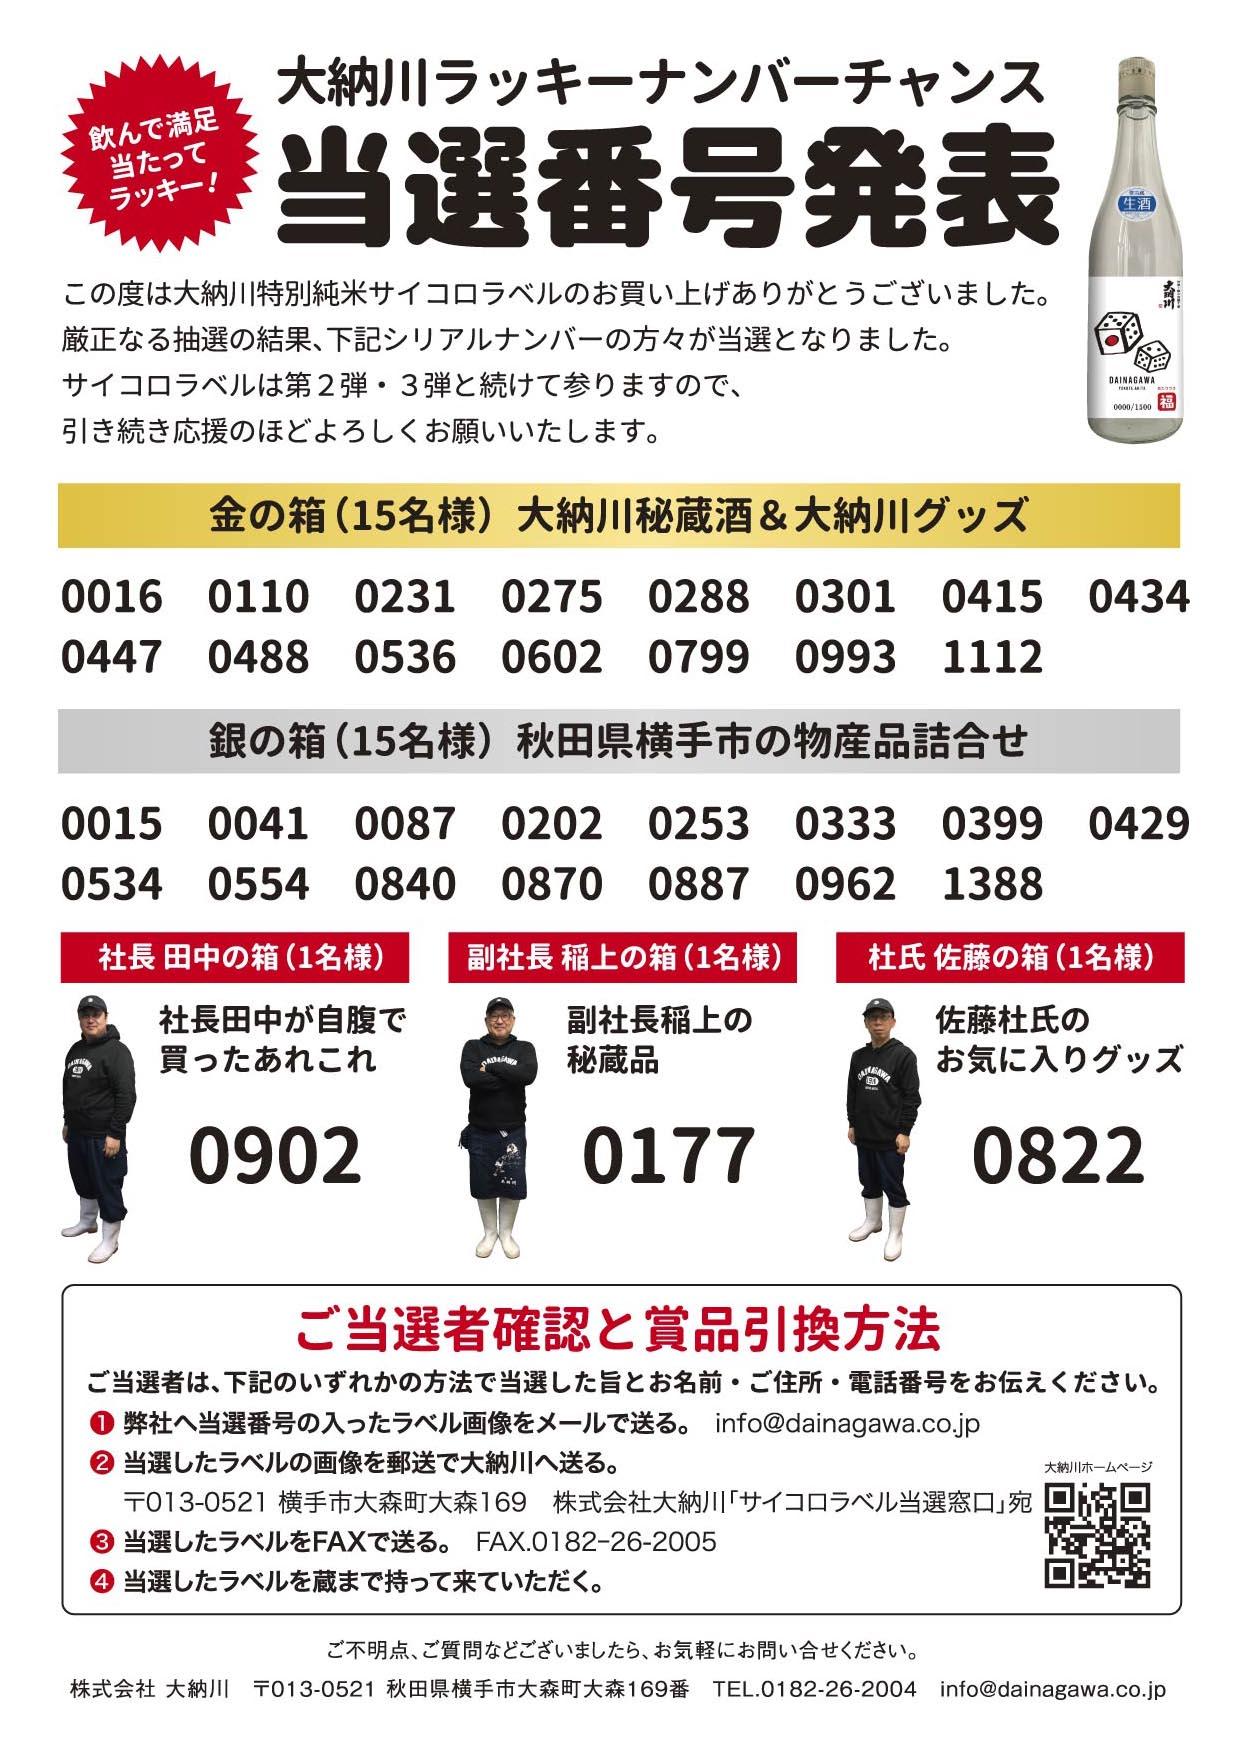 大納川 サイコロラベル 当選者発表